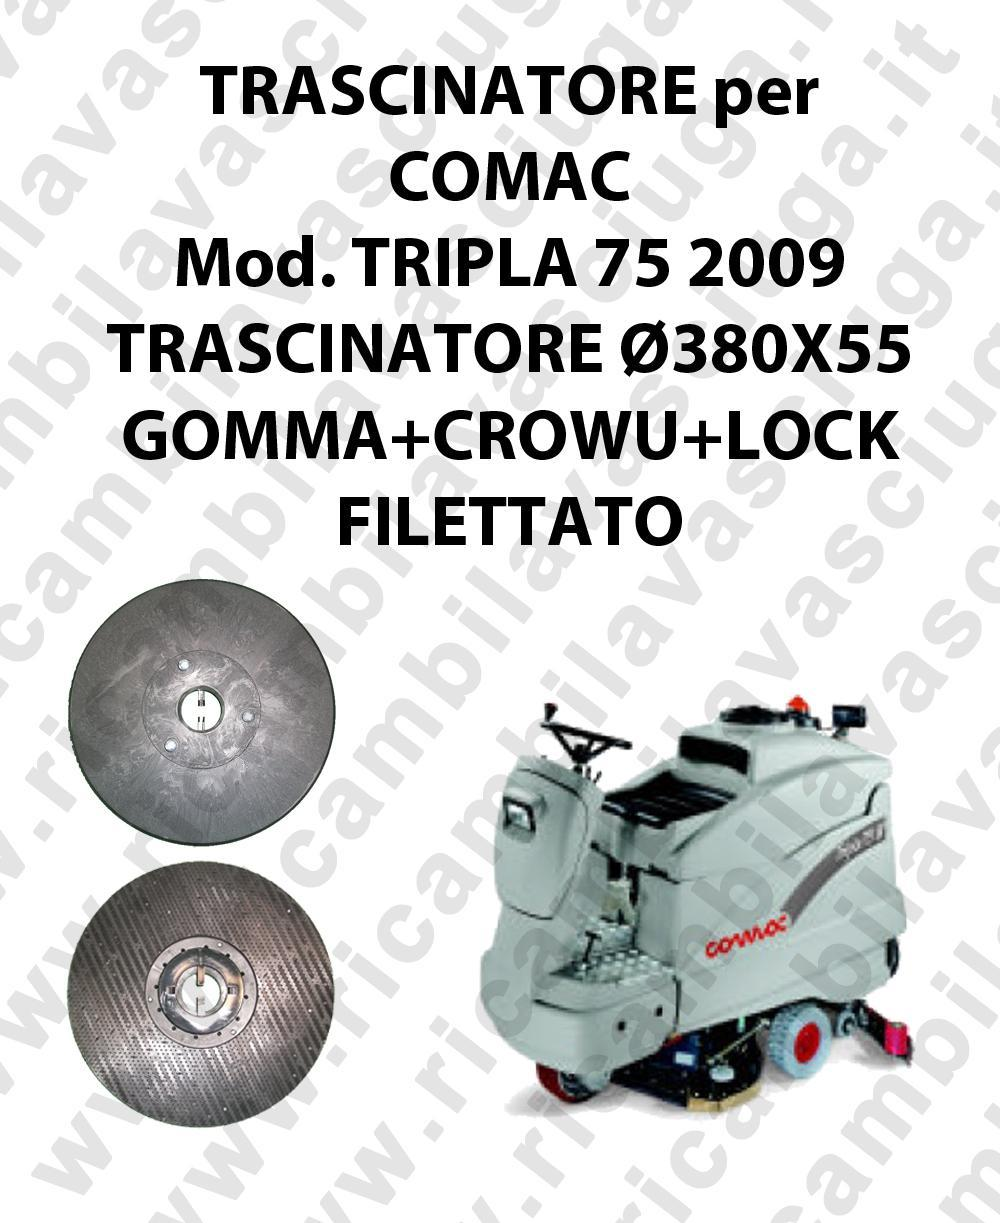 Discos de arrastre para fregadora COMAC modelo TRIPLA 75 2009